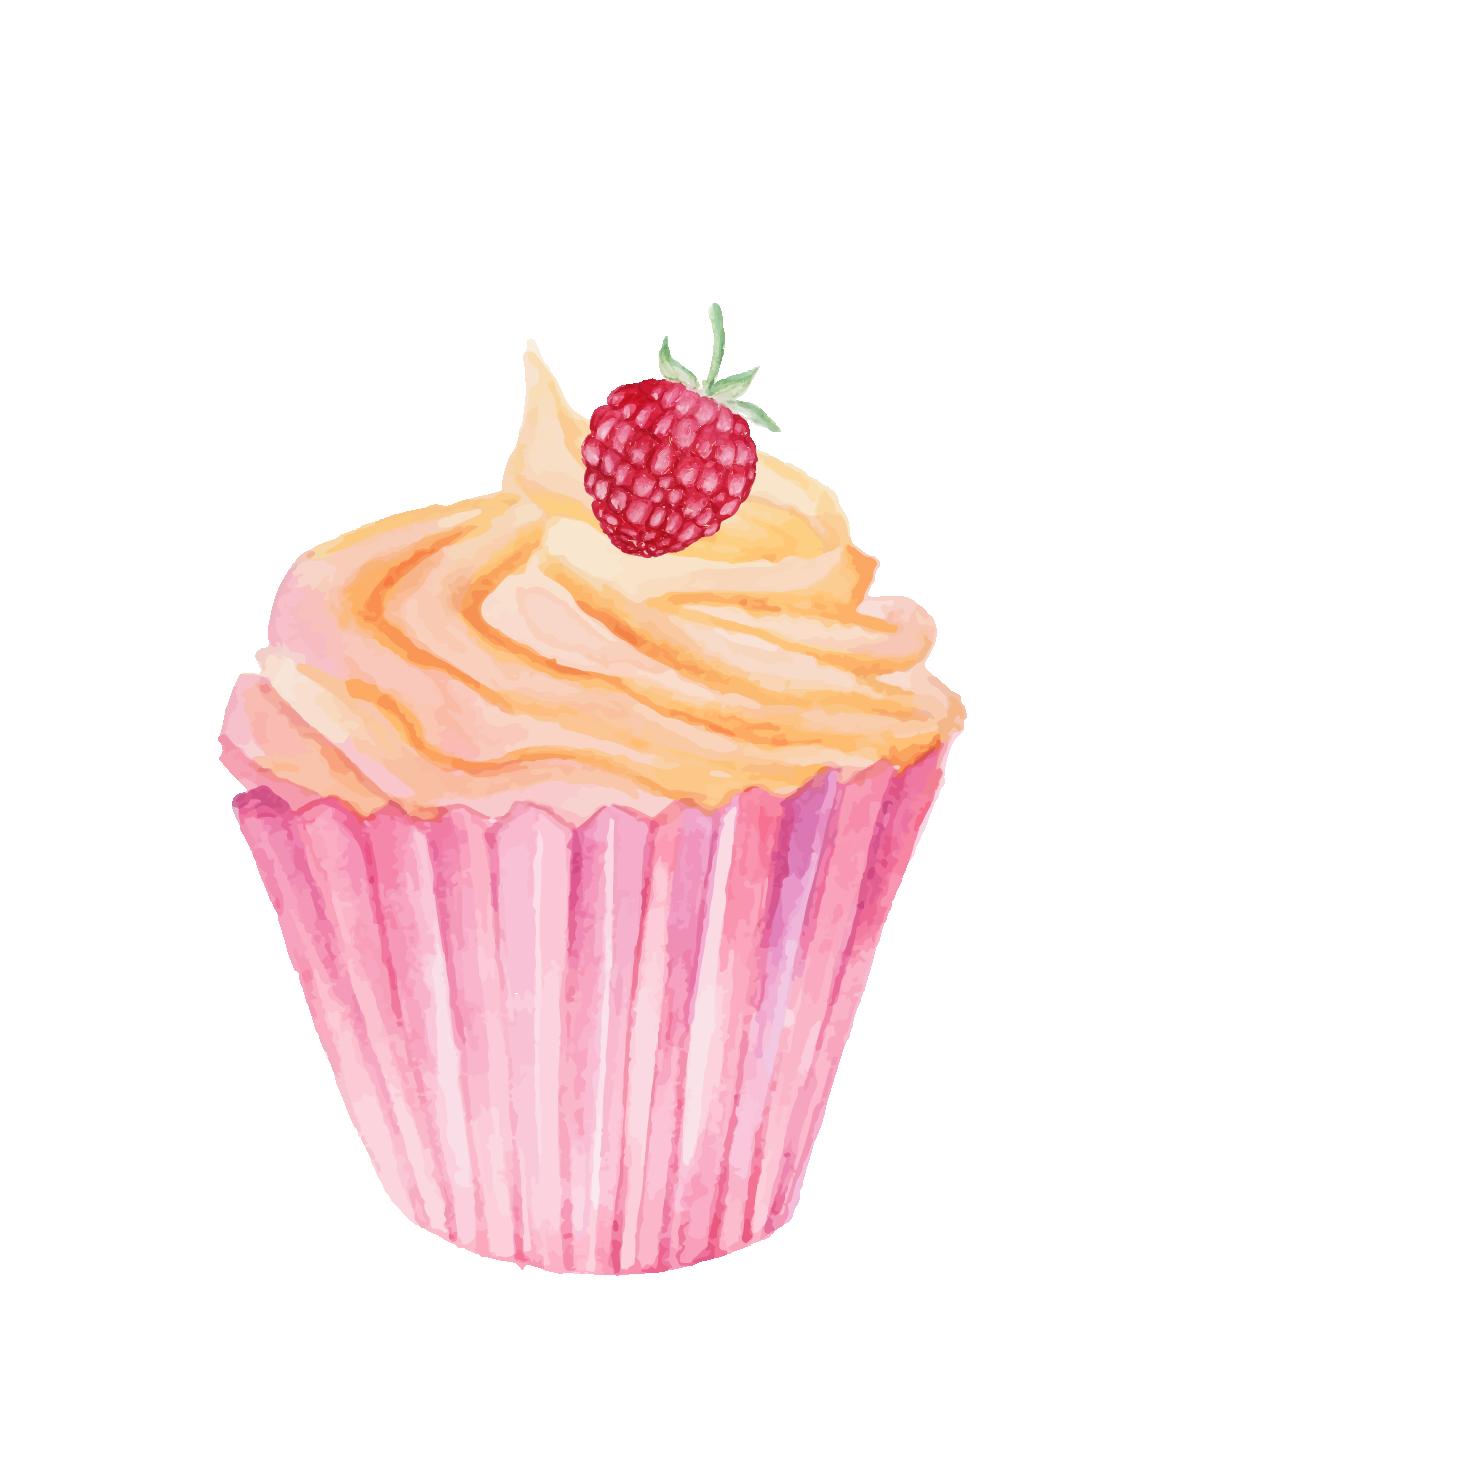 graphic Tart cake transprent png. Baking drawing cupcake